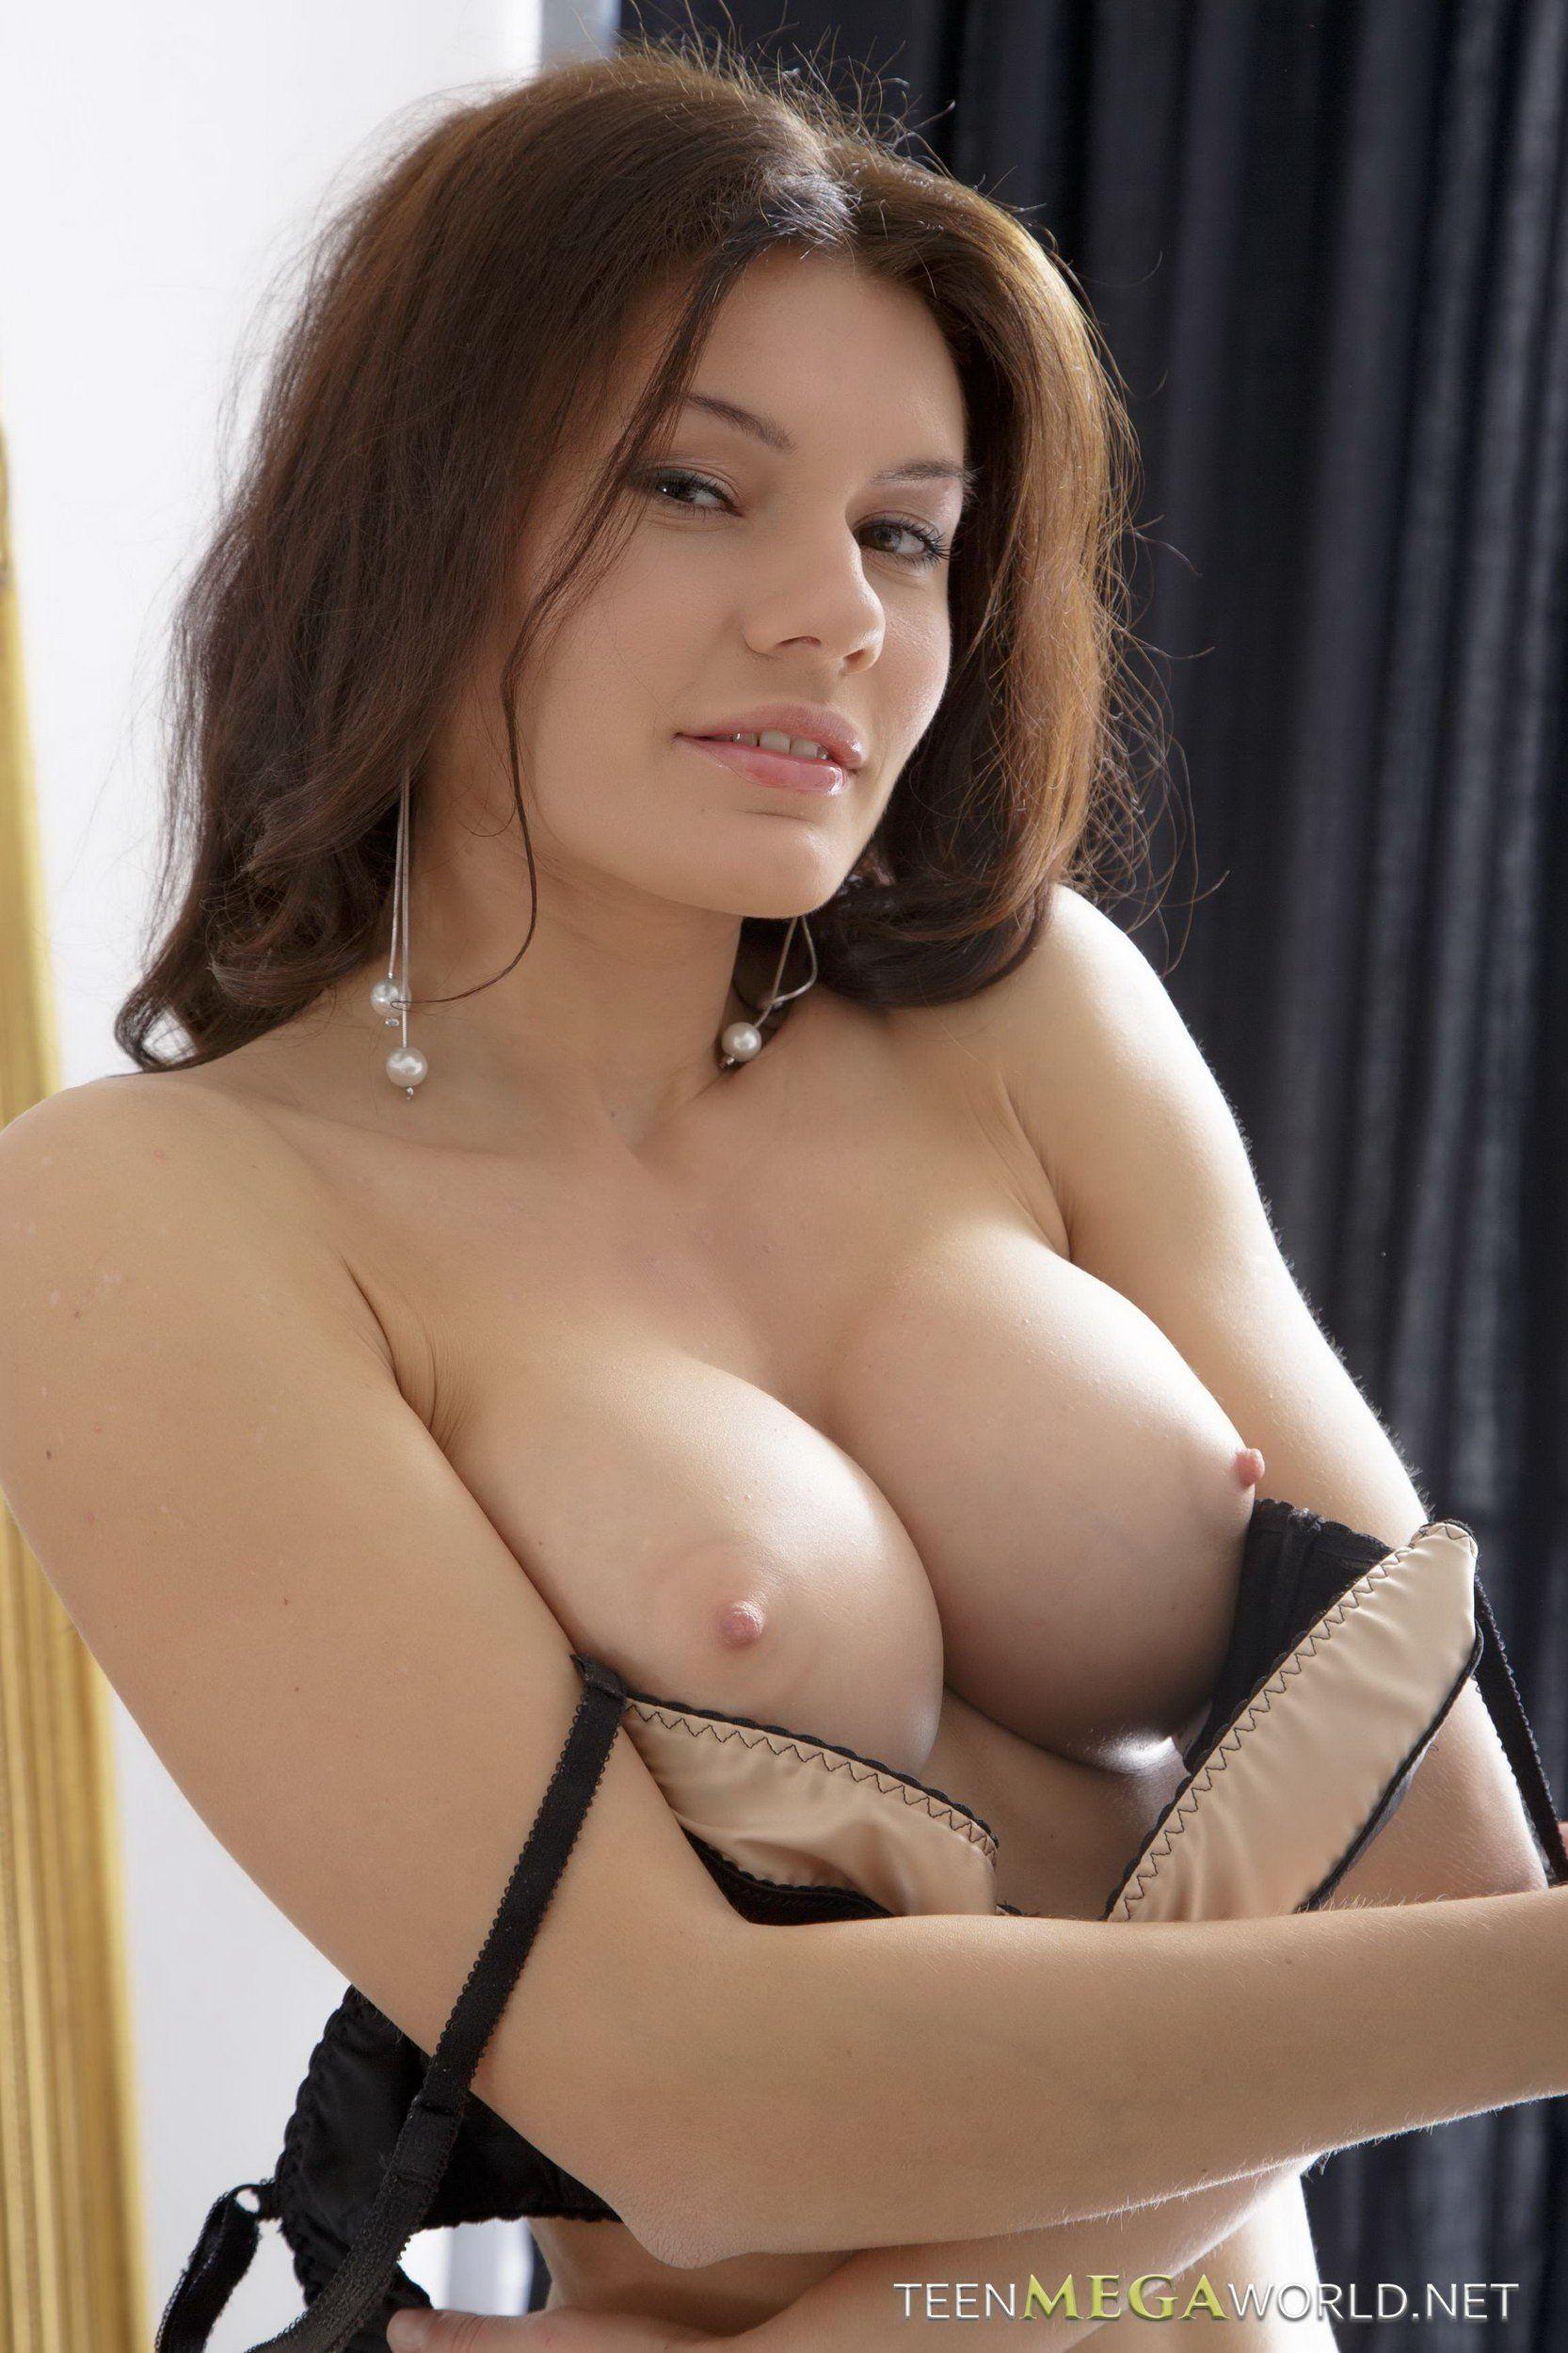 Shilpa shirodkar nude sexy photos